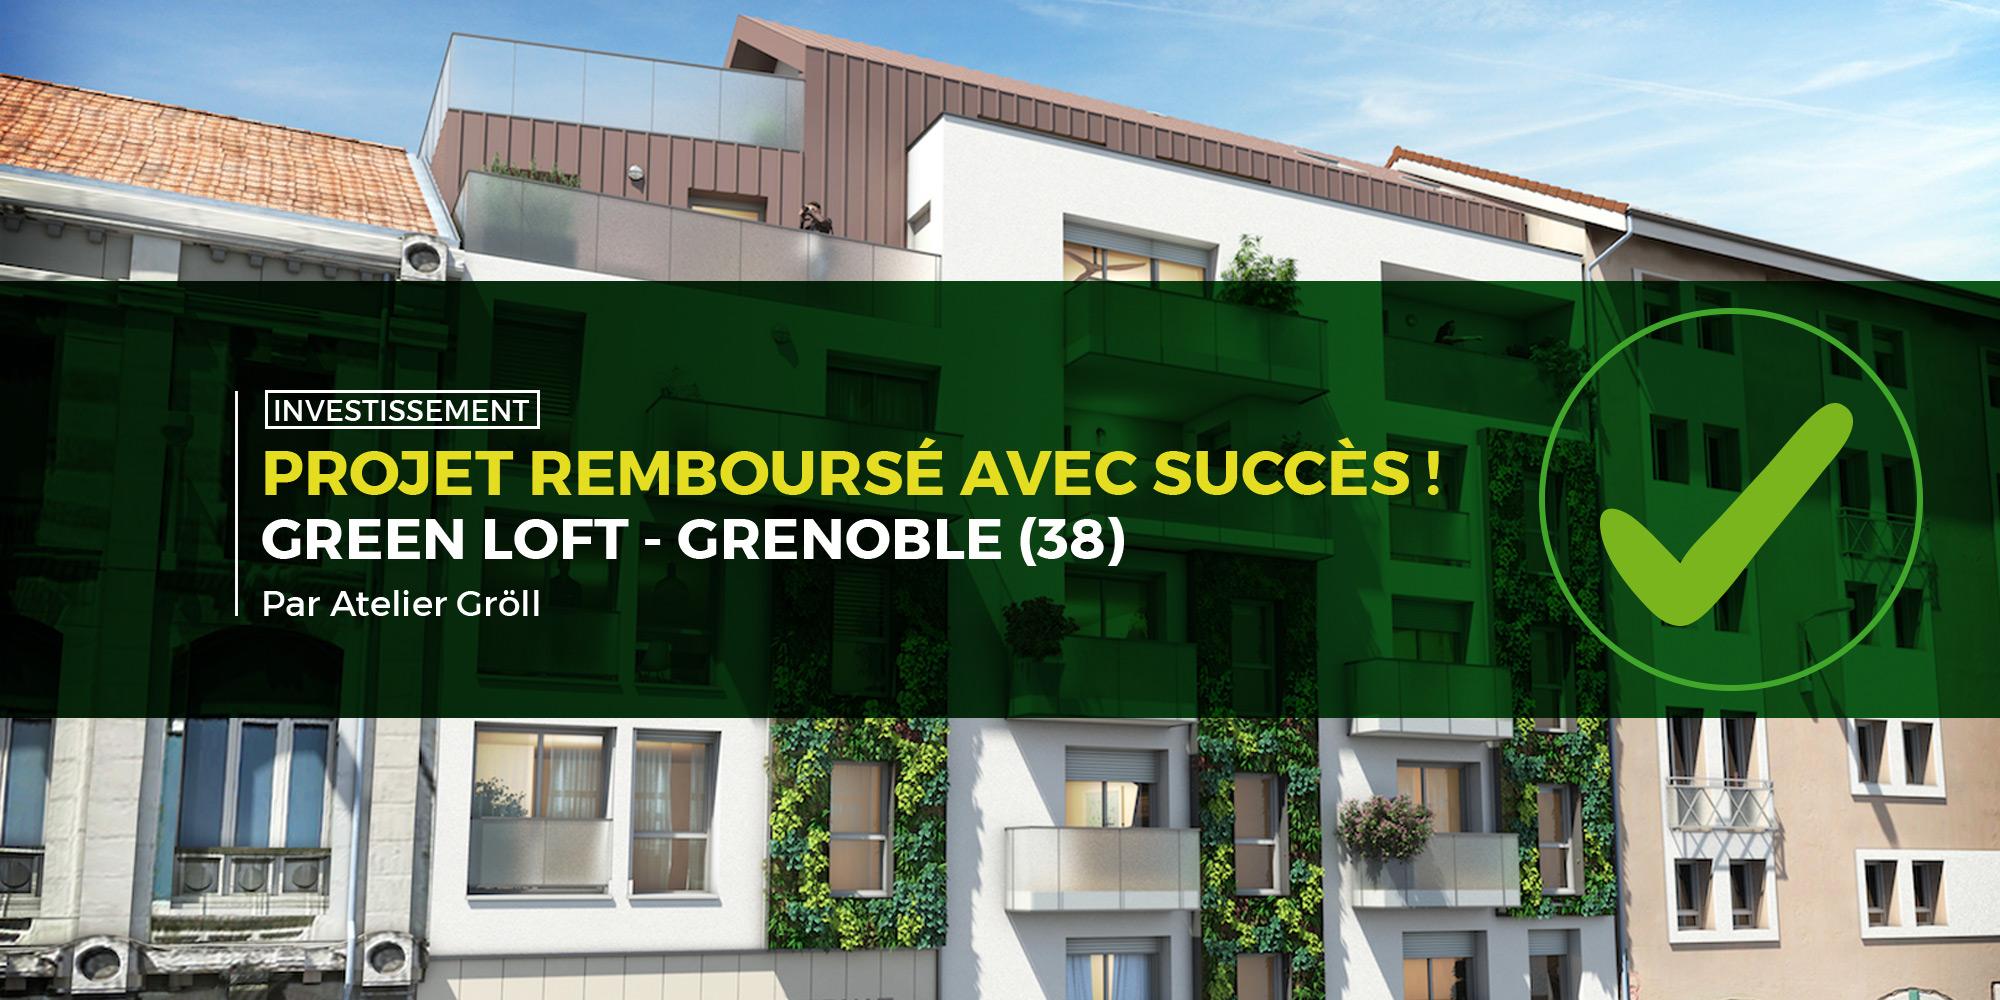 En septembre, Monego rembourse un 10e projet immobilier avec Green Loft !